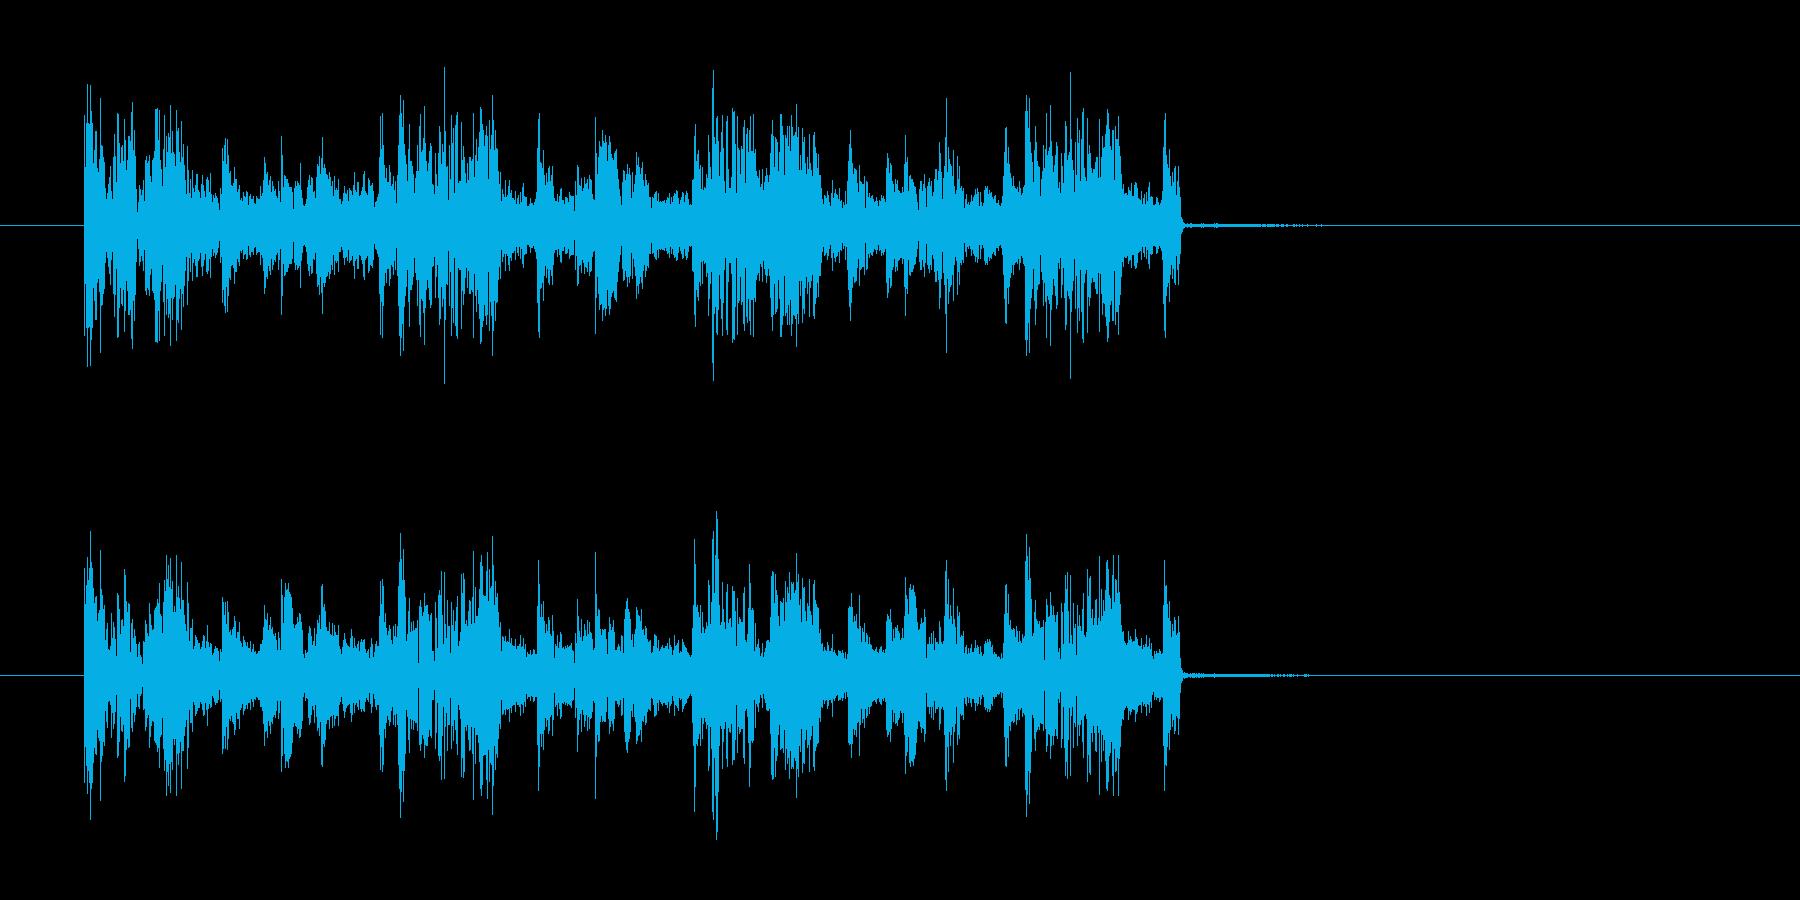 ギターの効いた短いロックの曲の再生済みの波形